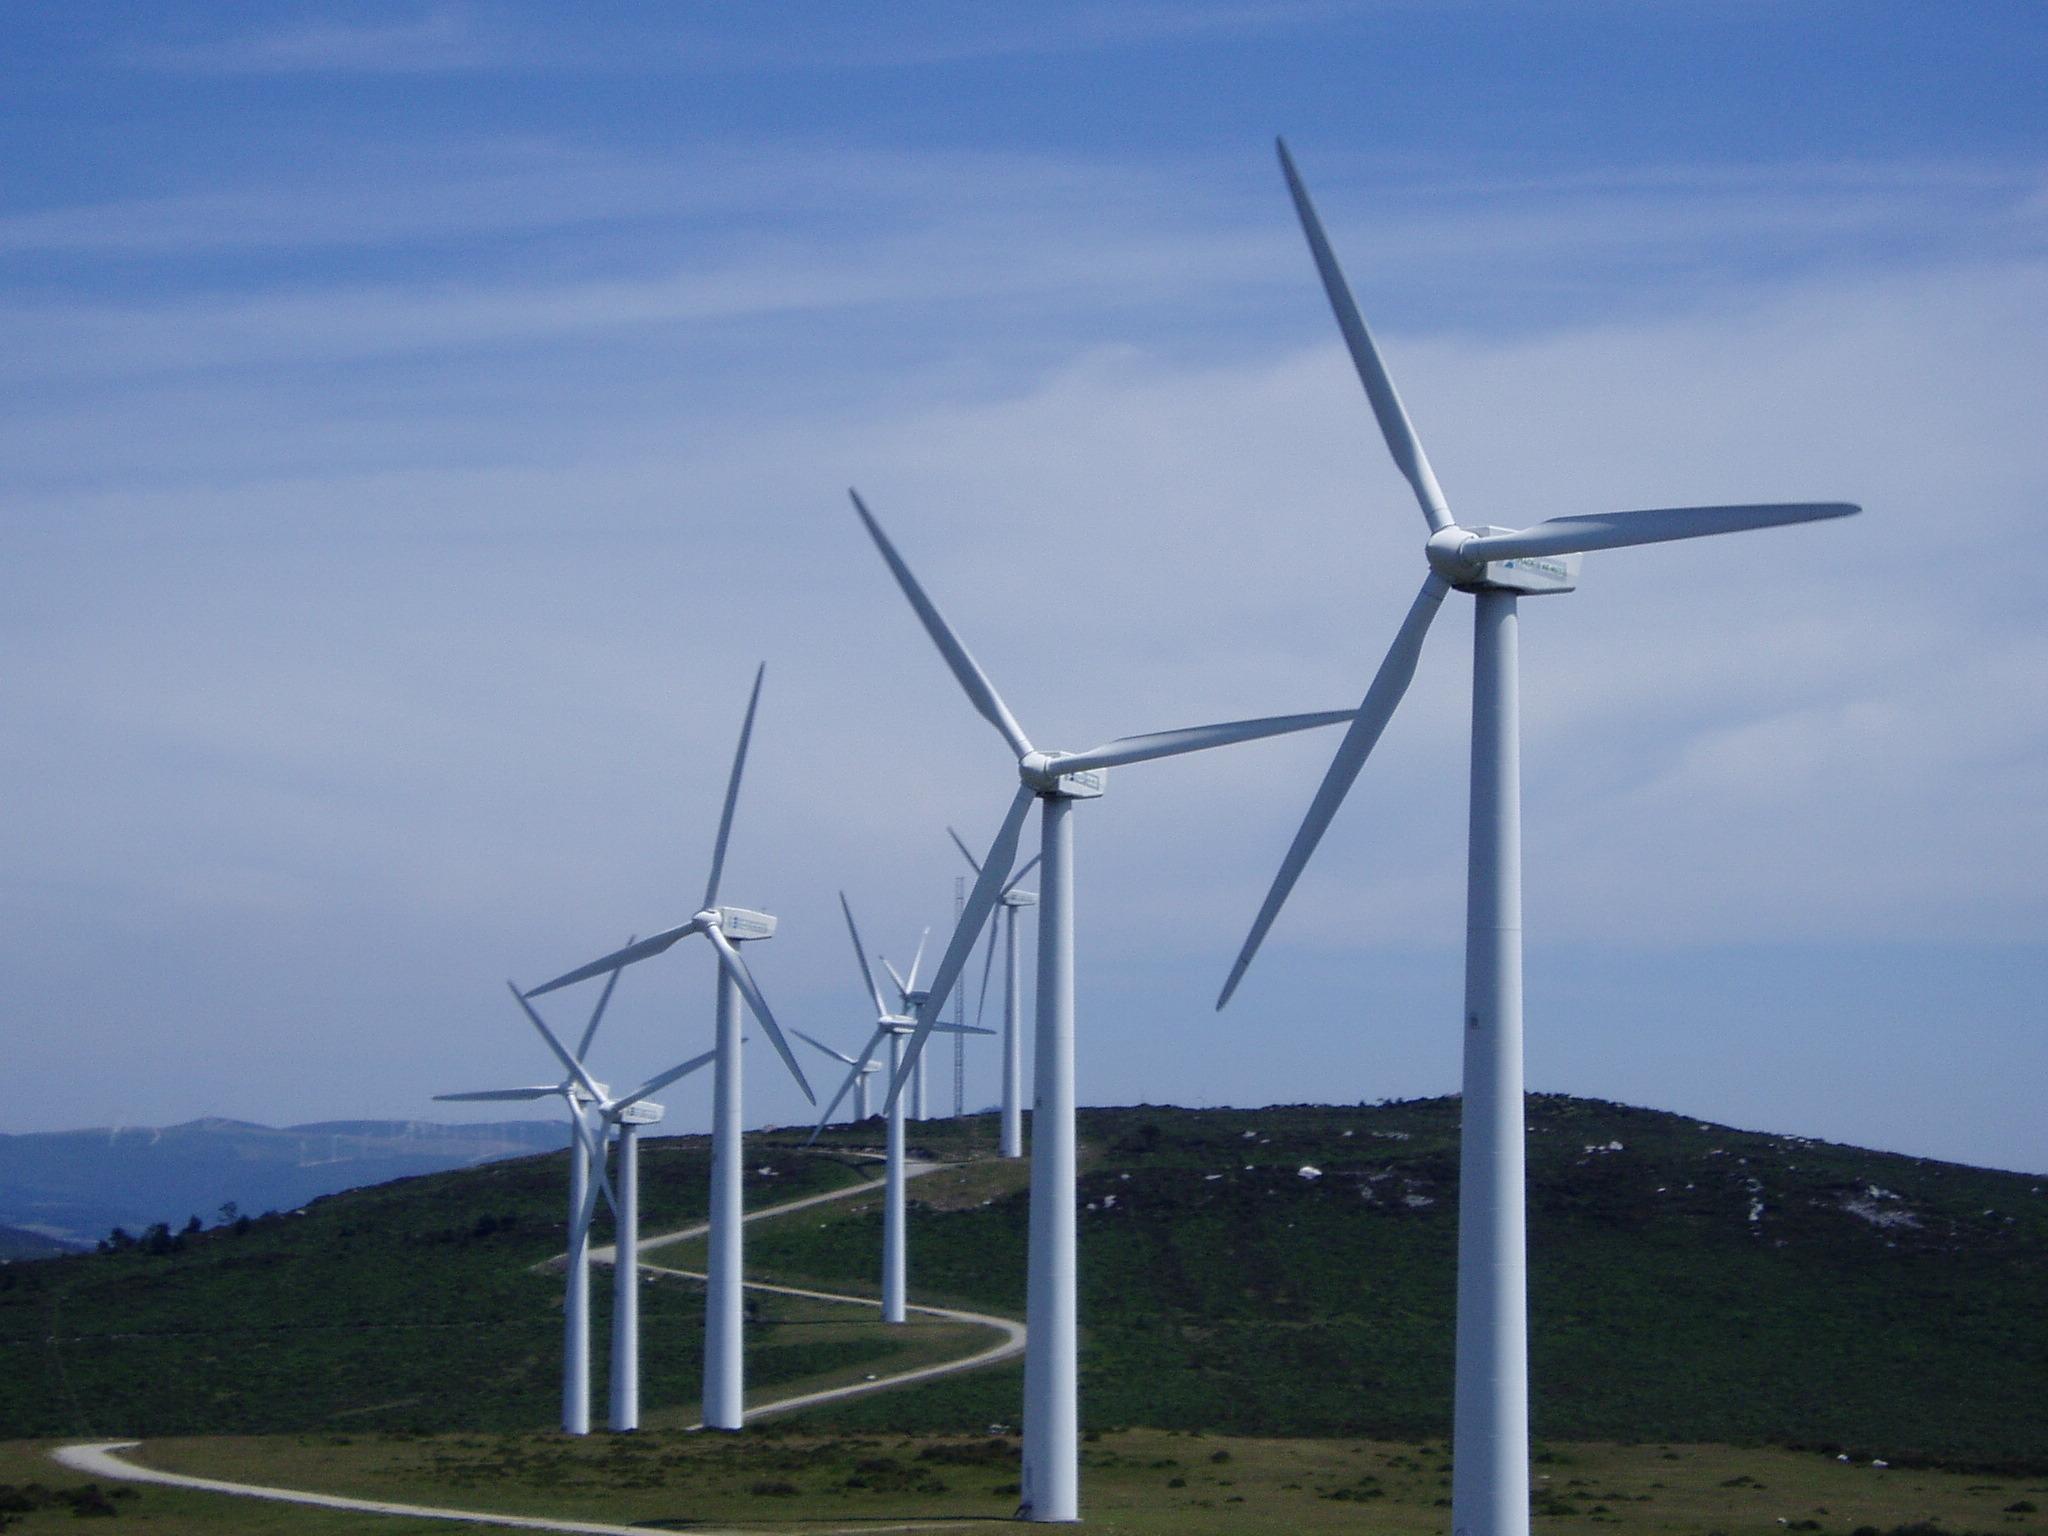 Varios aerogeneradores de energía eólica.